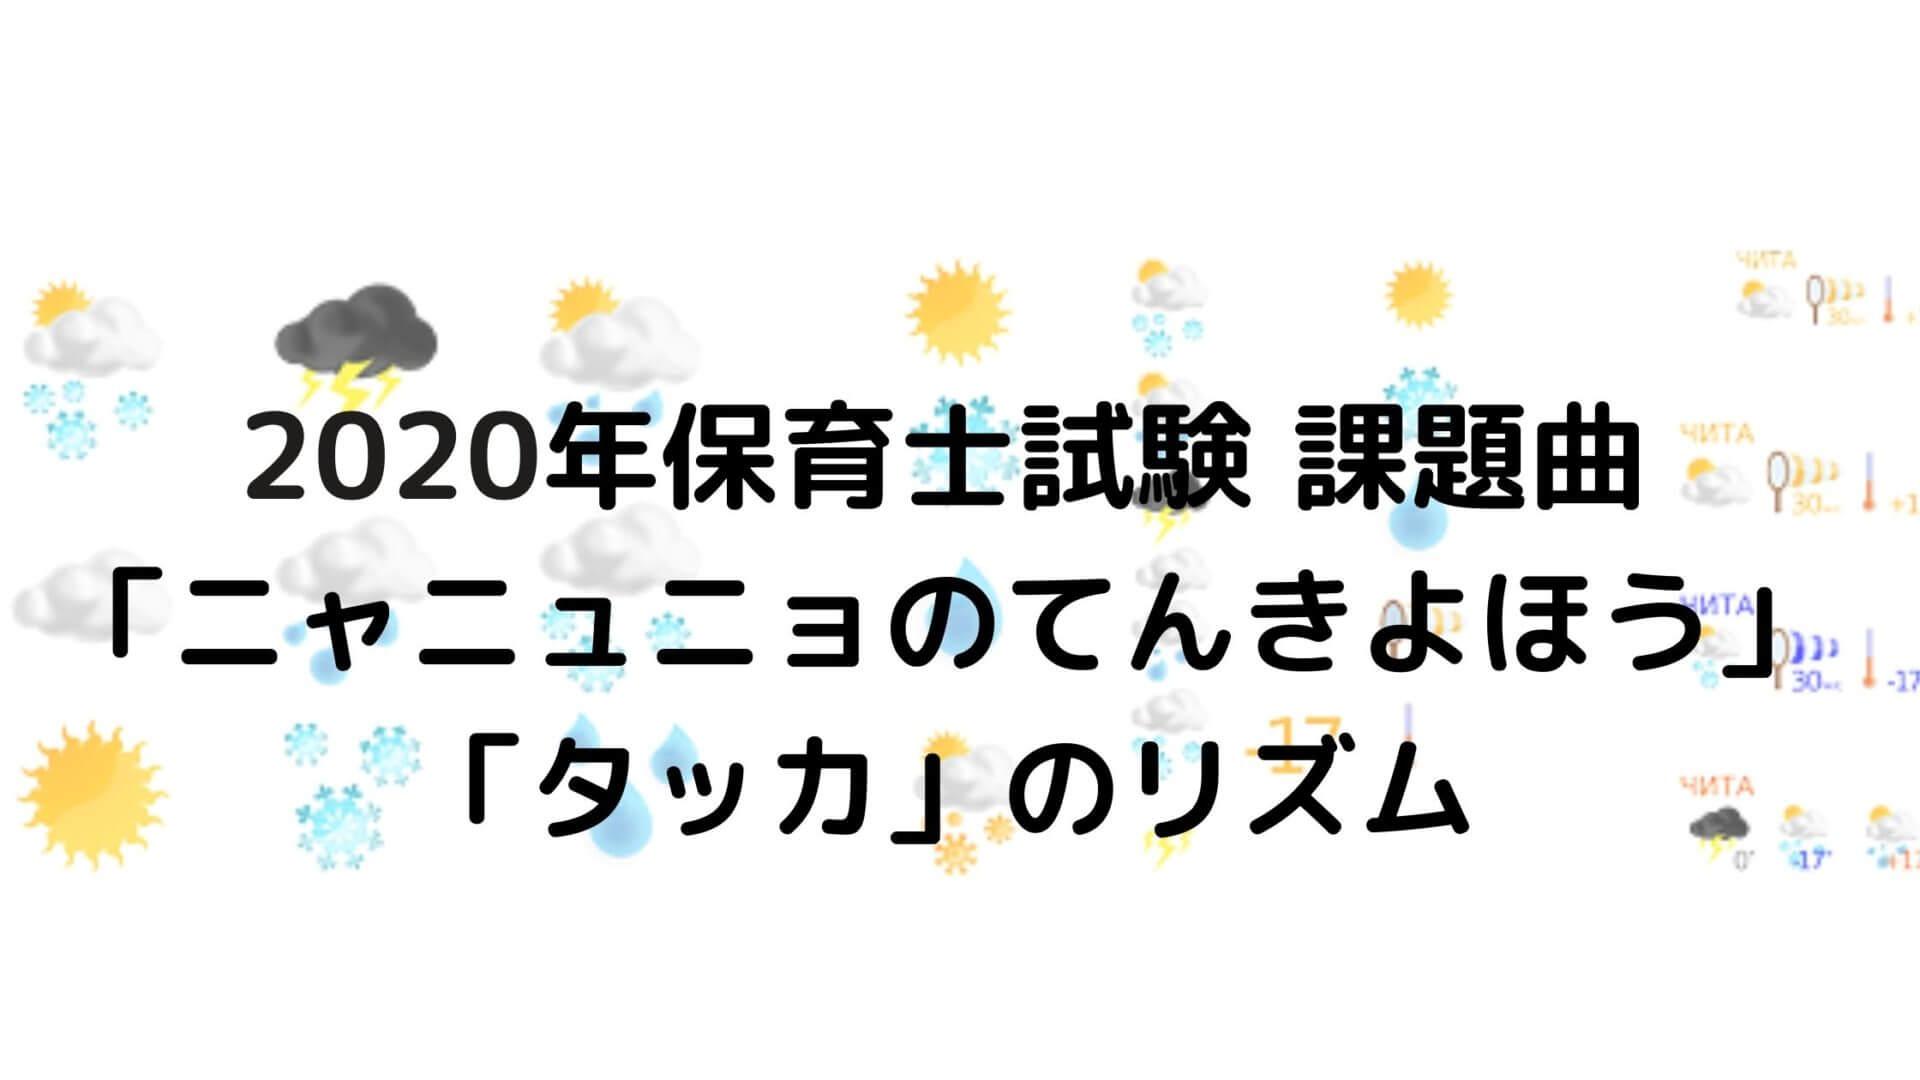 天気のマークの壁紙「2020年保育士試験 課題曲ニャニュニョのてんきよほう タッカのリズム」の文字入れ